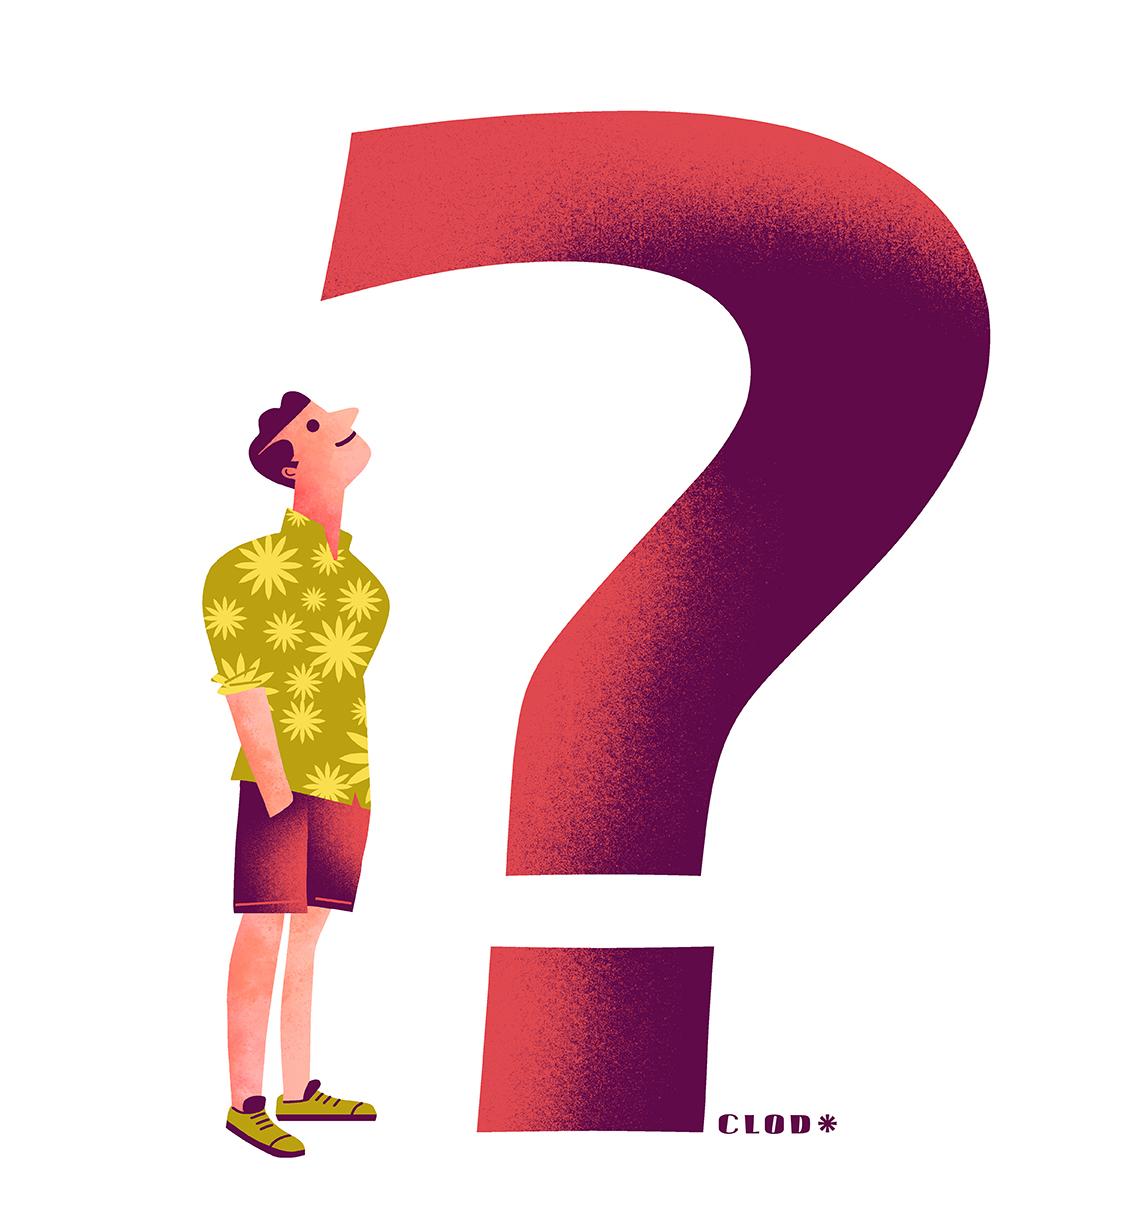 Clod illustration blog trois questions graphiques sans réponse